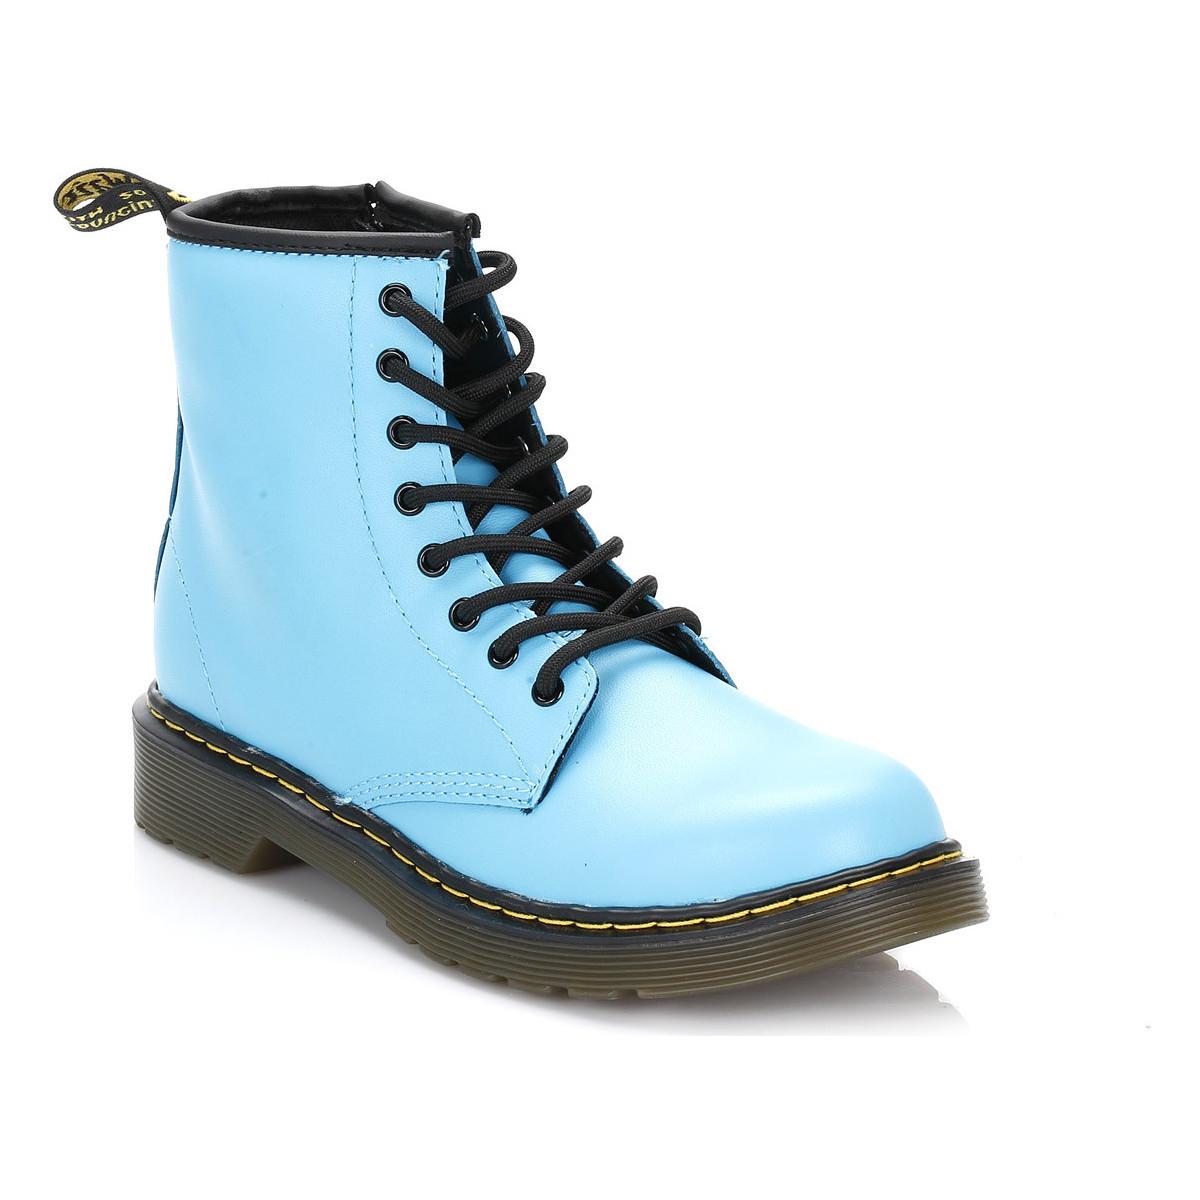 Dr Martin Boots | Doc Marten Boots Mens | Doc Martens Chelsea Boots Men